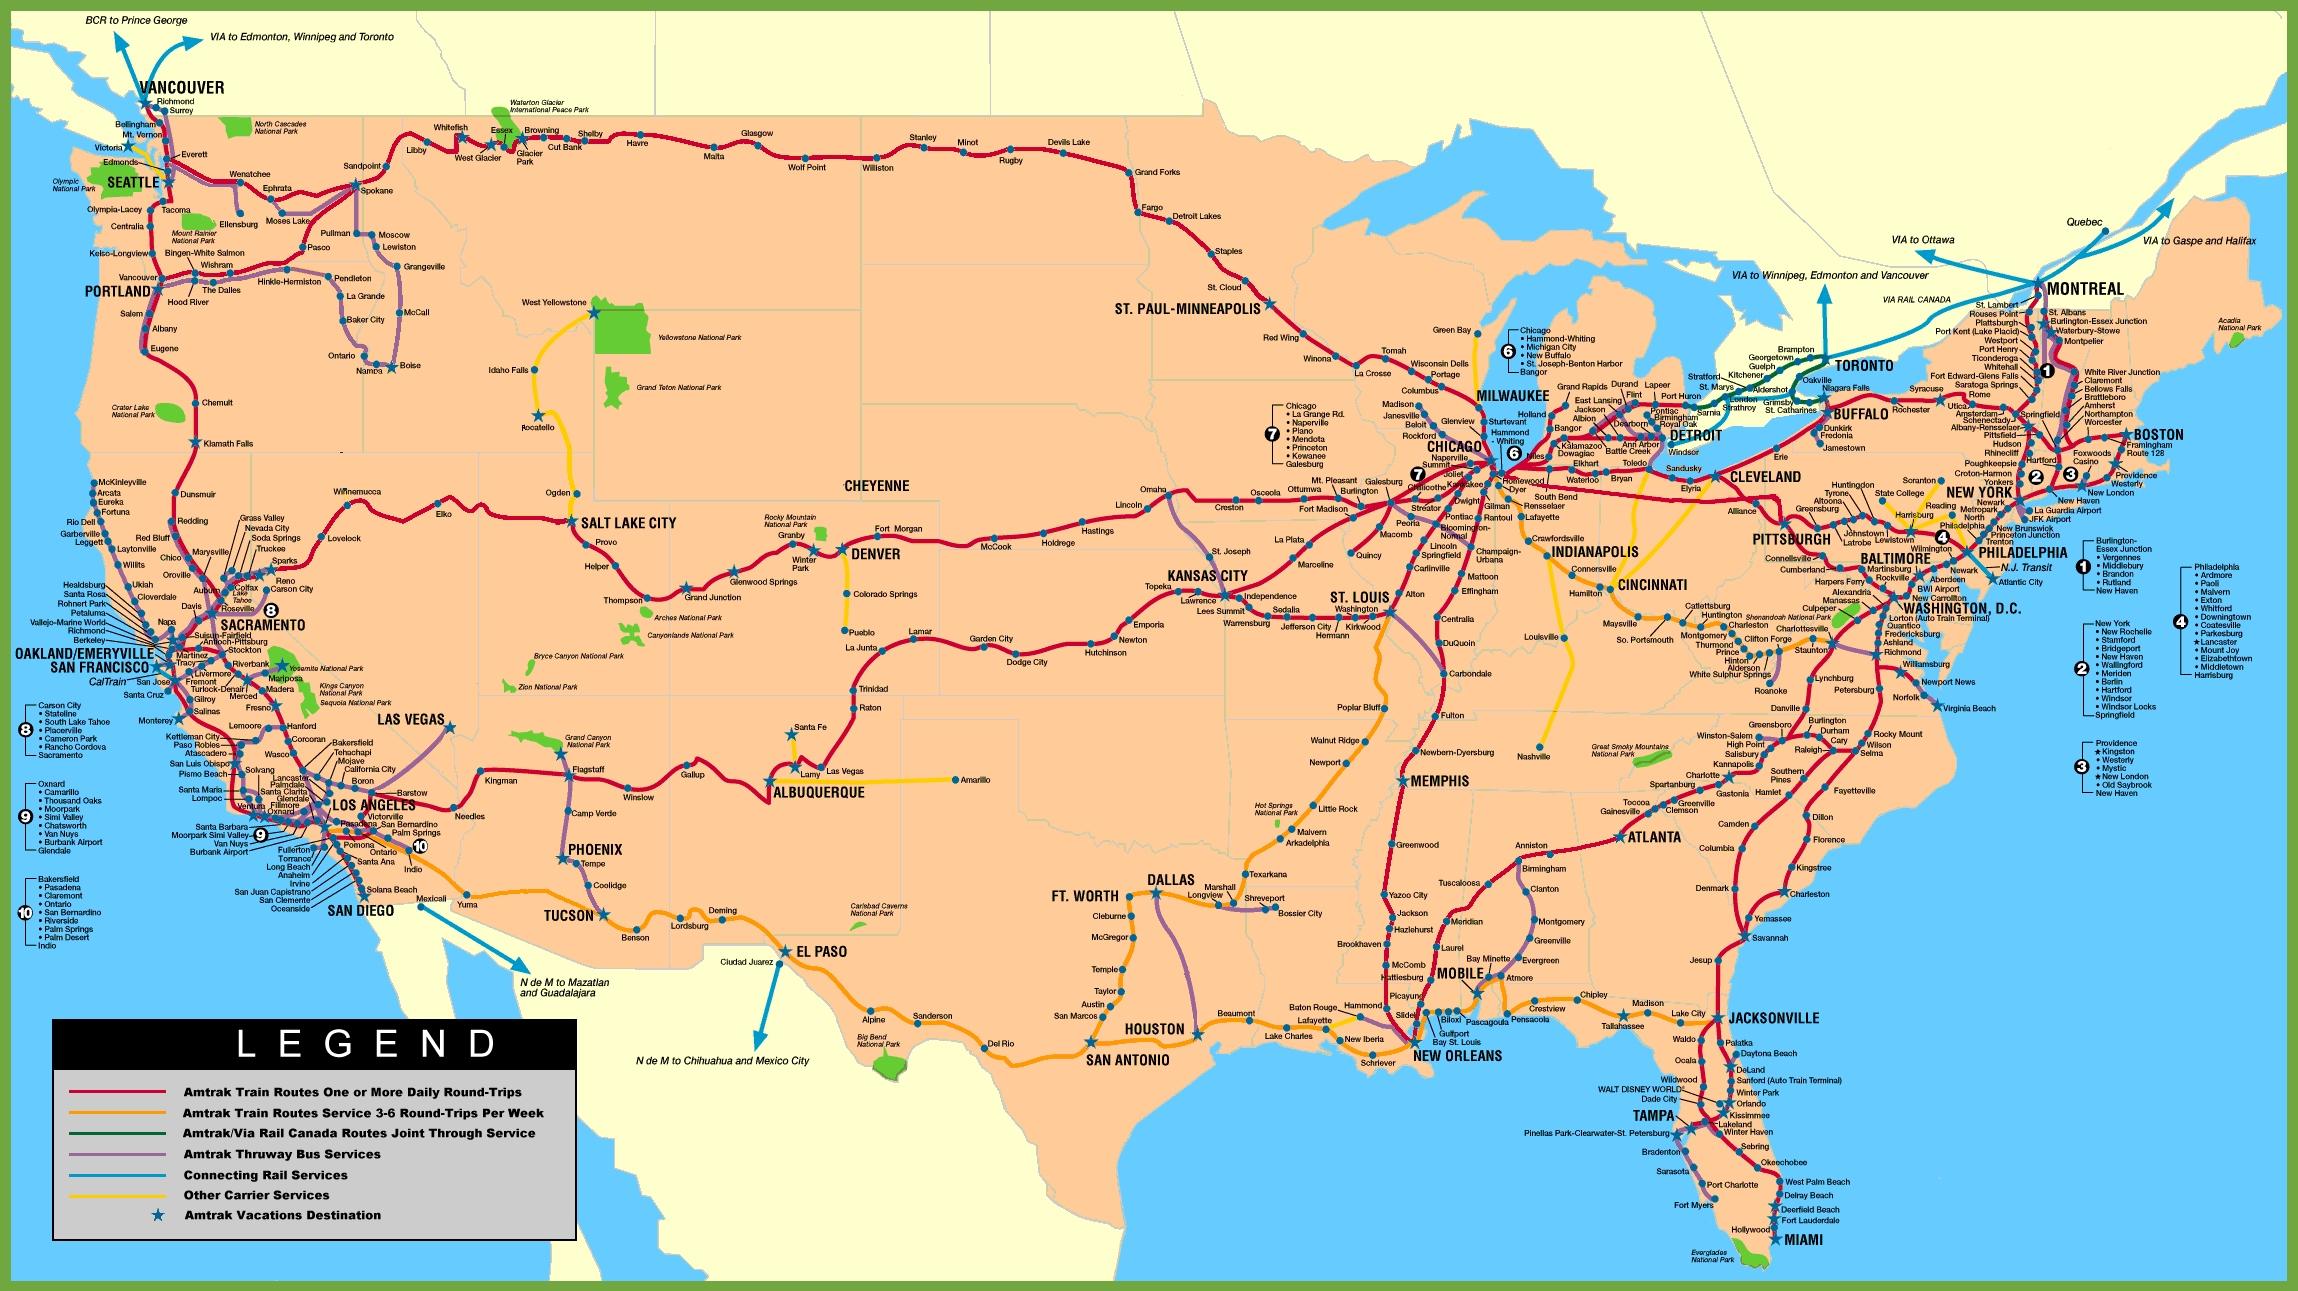 S Carolina Map With Cities